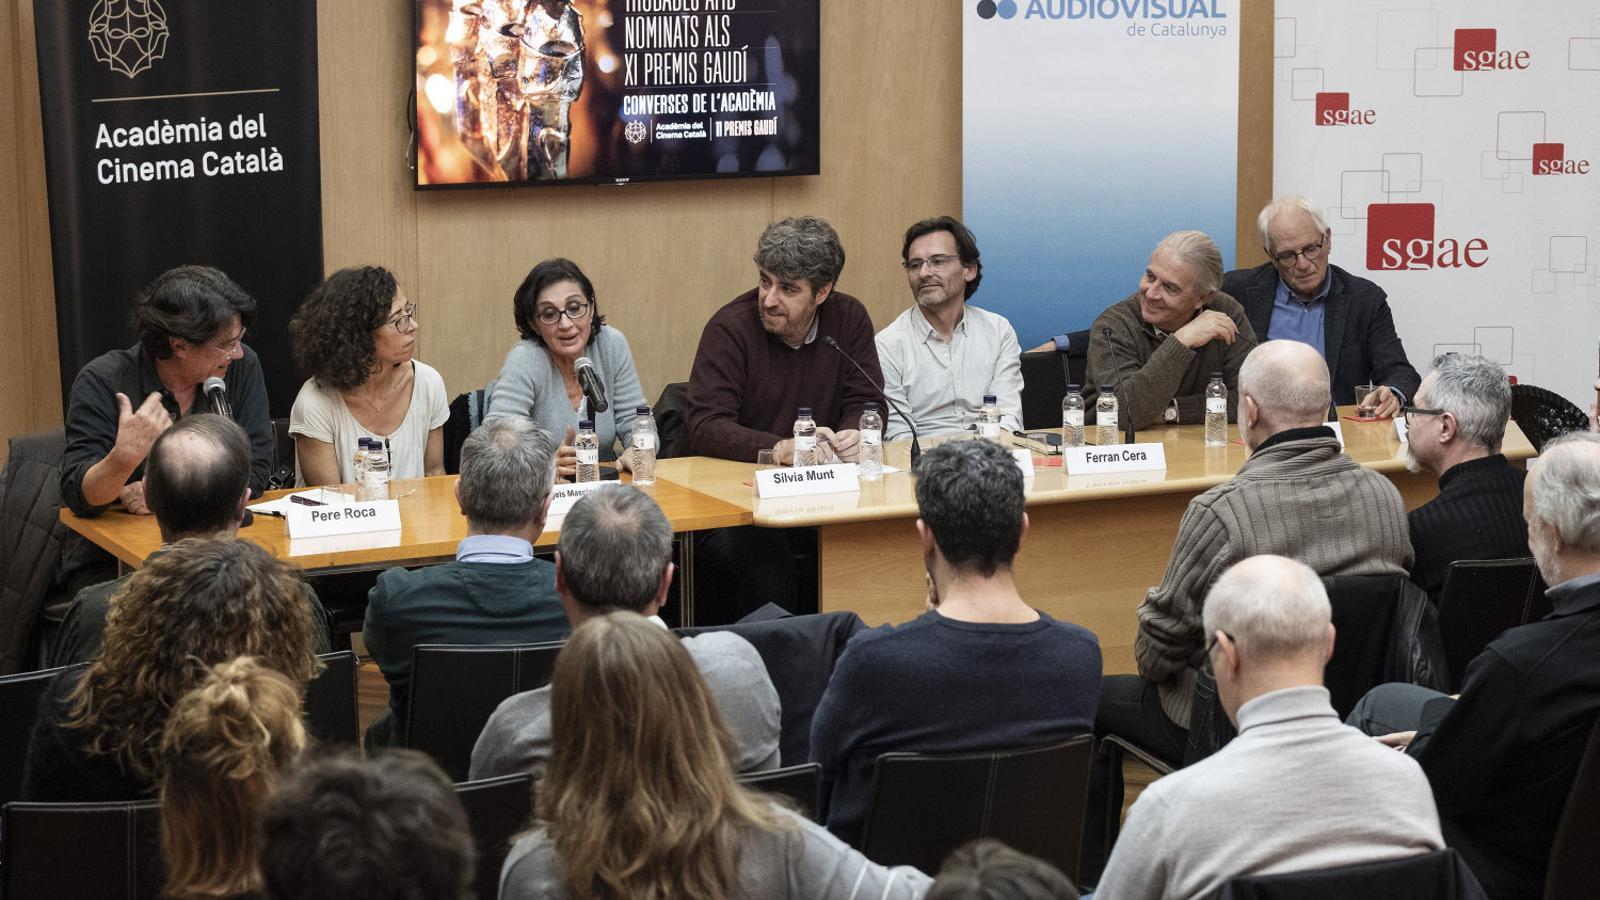 La xerrada va reunir productors i directors dels quatre nominats als premis Gaudí en la categoria de telefilm.